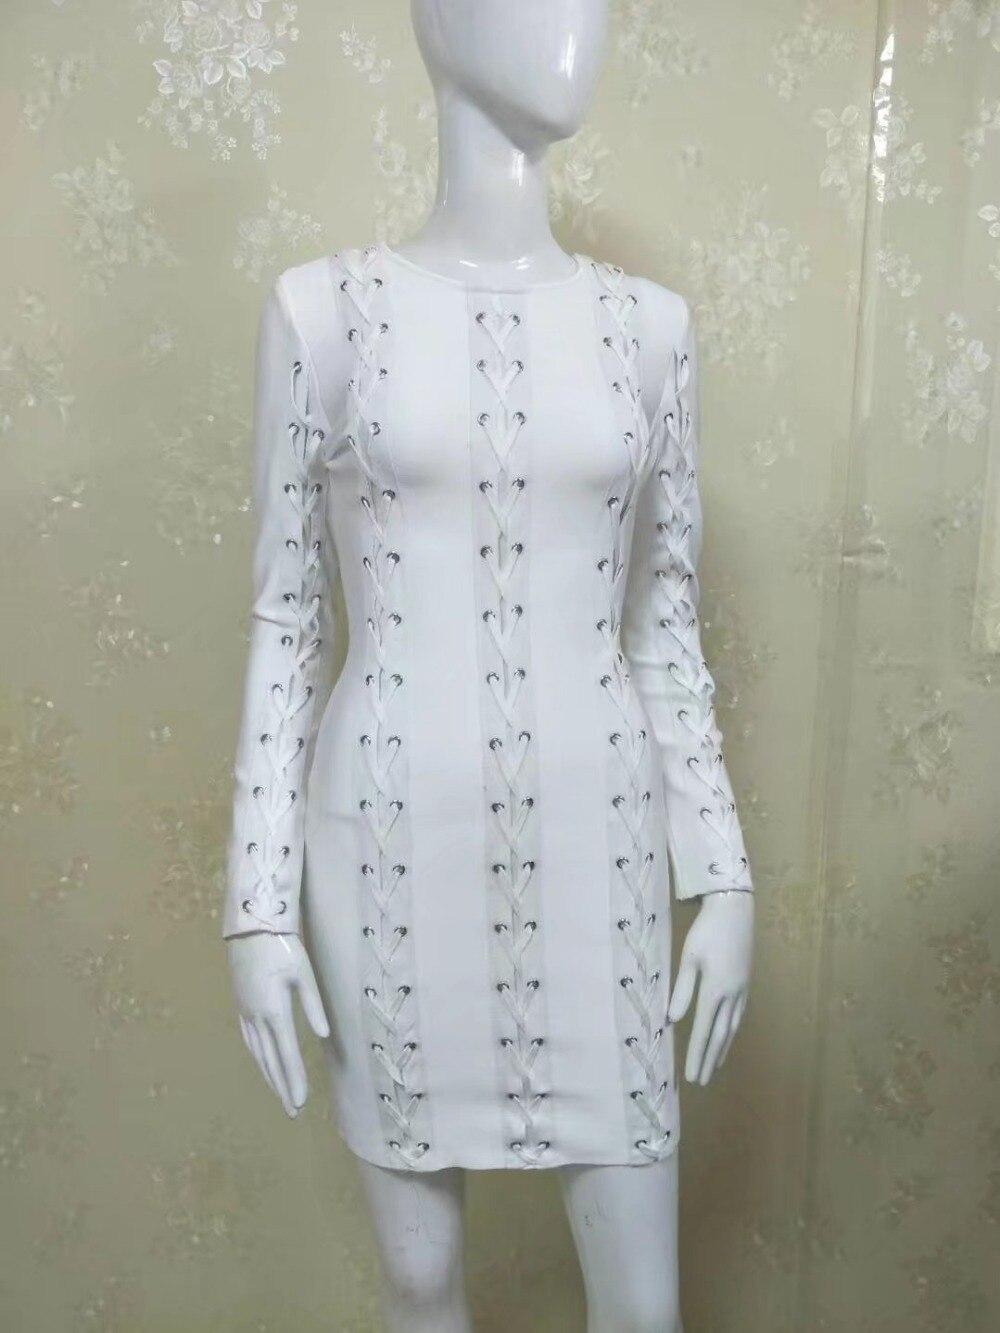 2019 nouvelle automne robe à manches longues Rivet blanc o-cou moulante femmes parti Bandage robe Vestidos